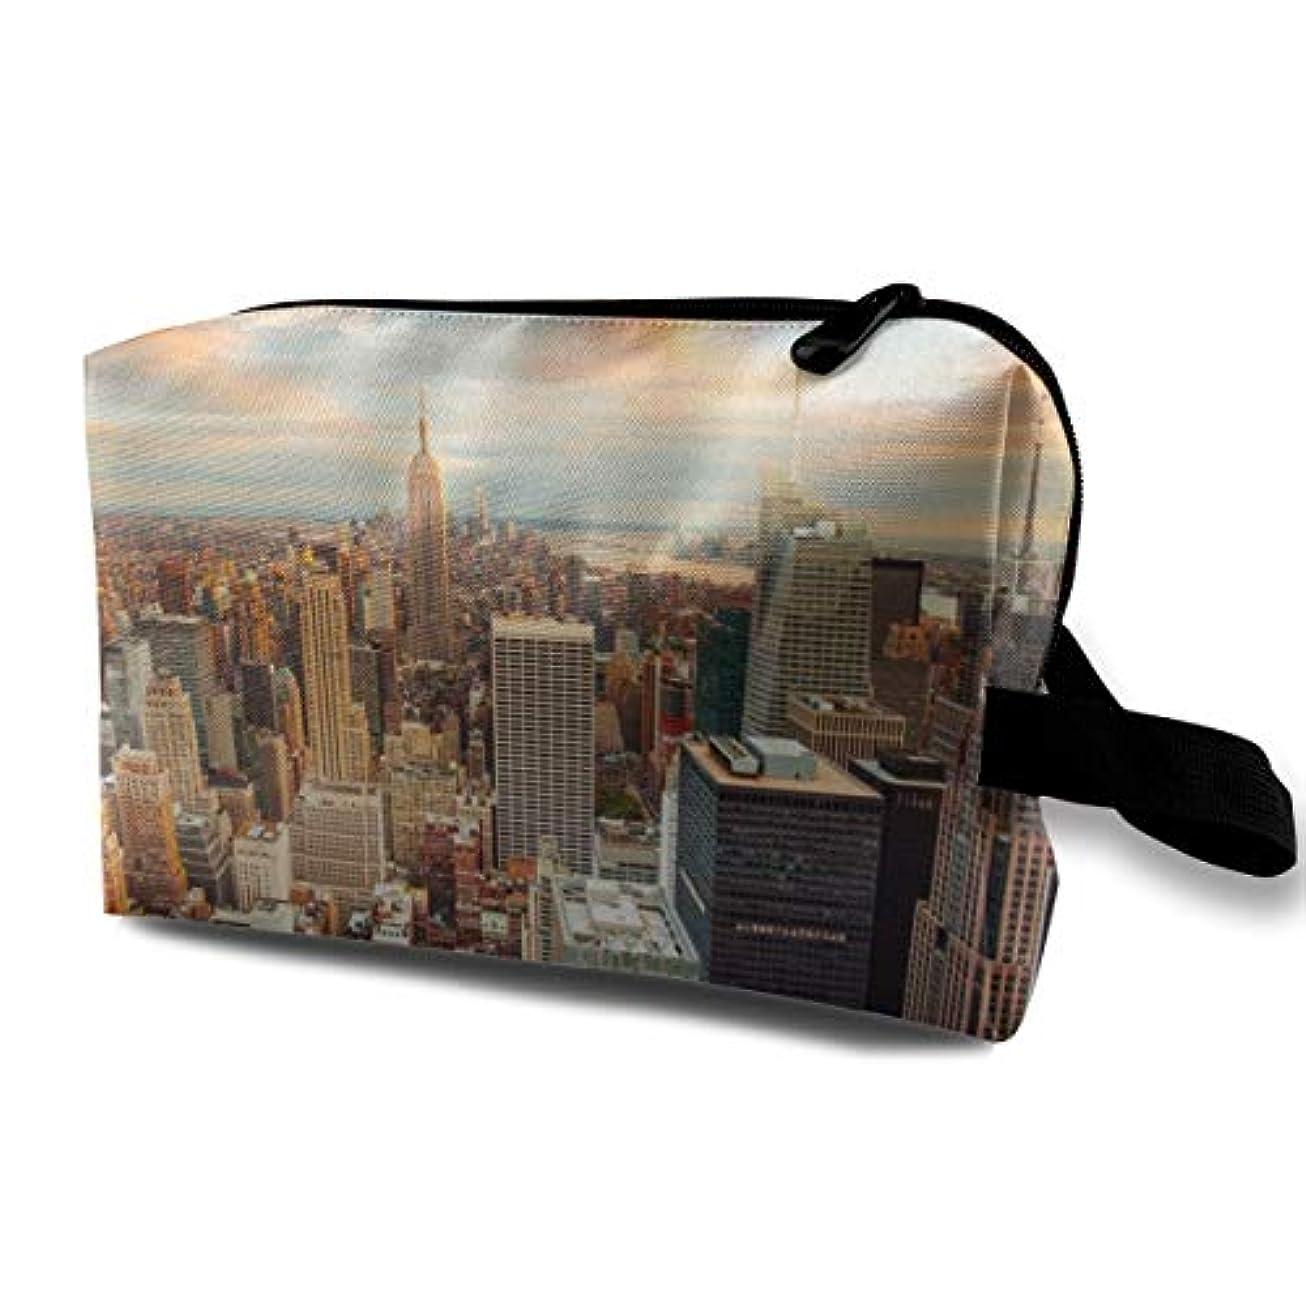 欠如君主やさしくSkyline View NYC 収納ポーチ 化粧ポーチ 大容量 軽量 耐久性 ハンドル付持ち運び便利。入れ 自宅?出張?旅行?アウトドア撮影などに対応。メンズ レディース トラベルグッズ